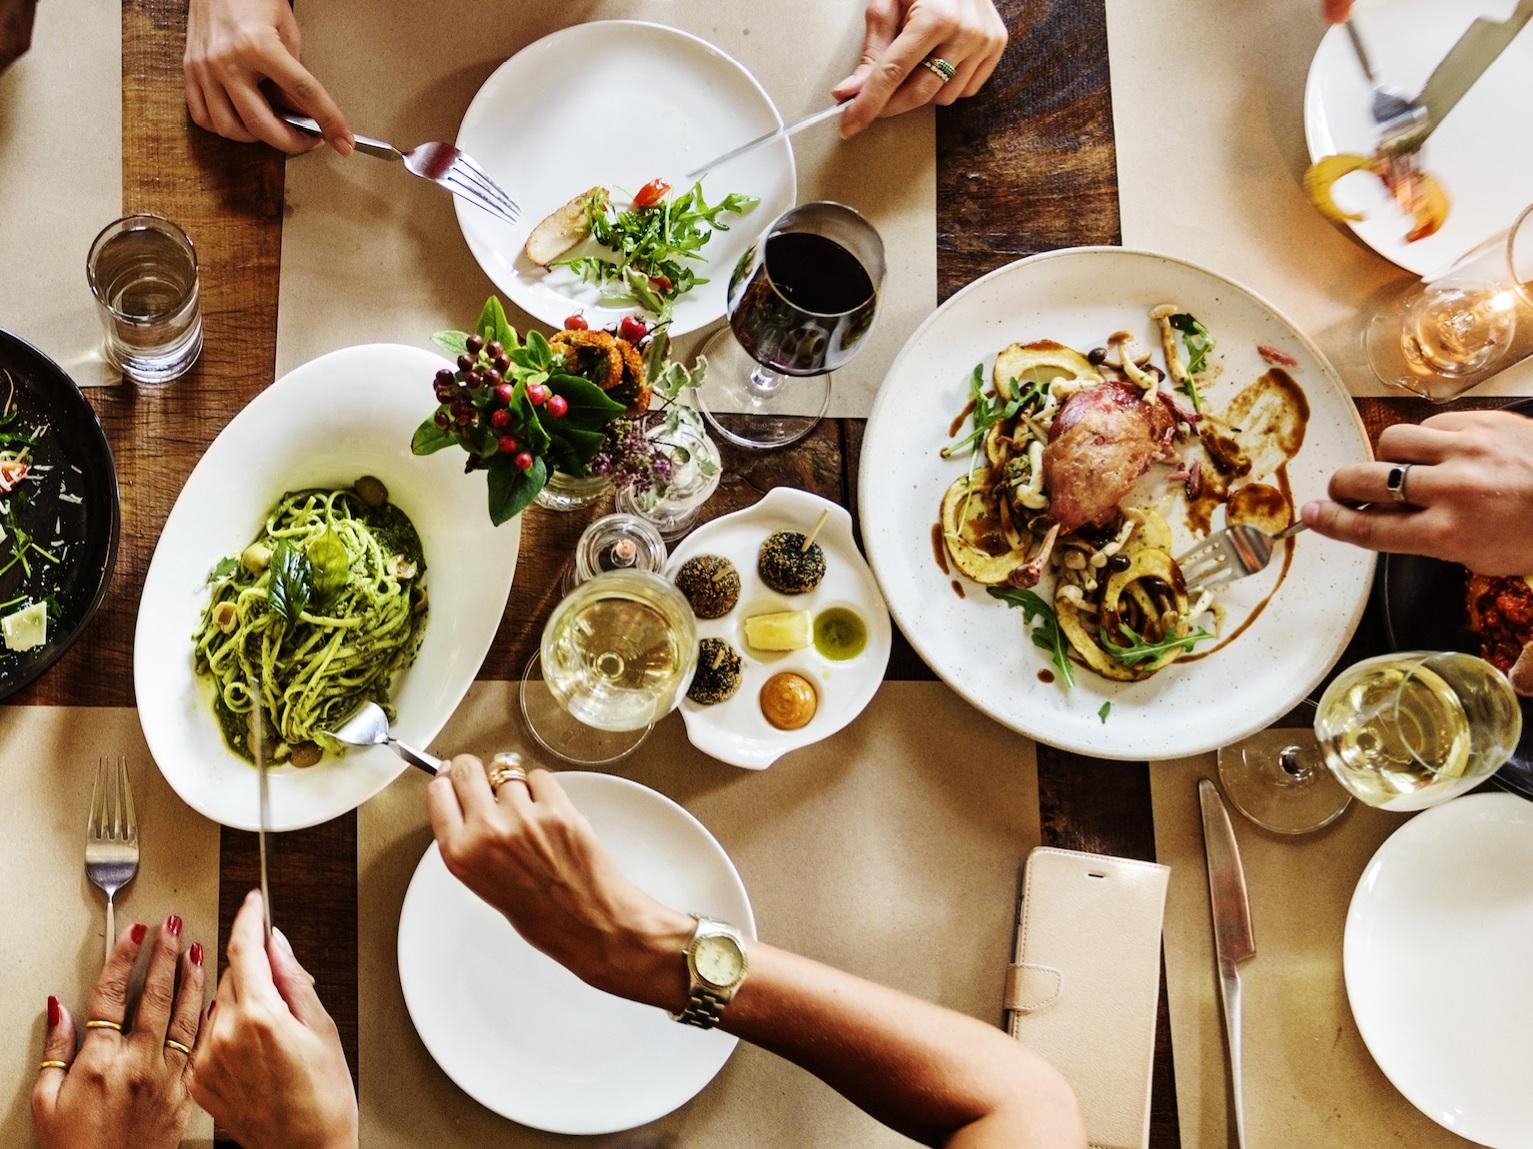 Еда - Лучшие рестораны, кафе, закусочные